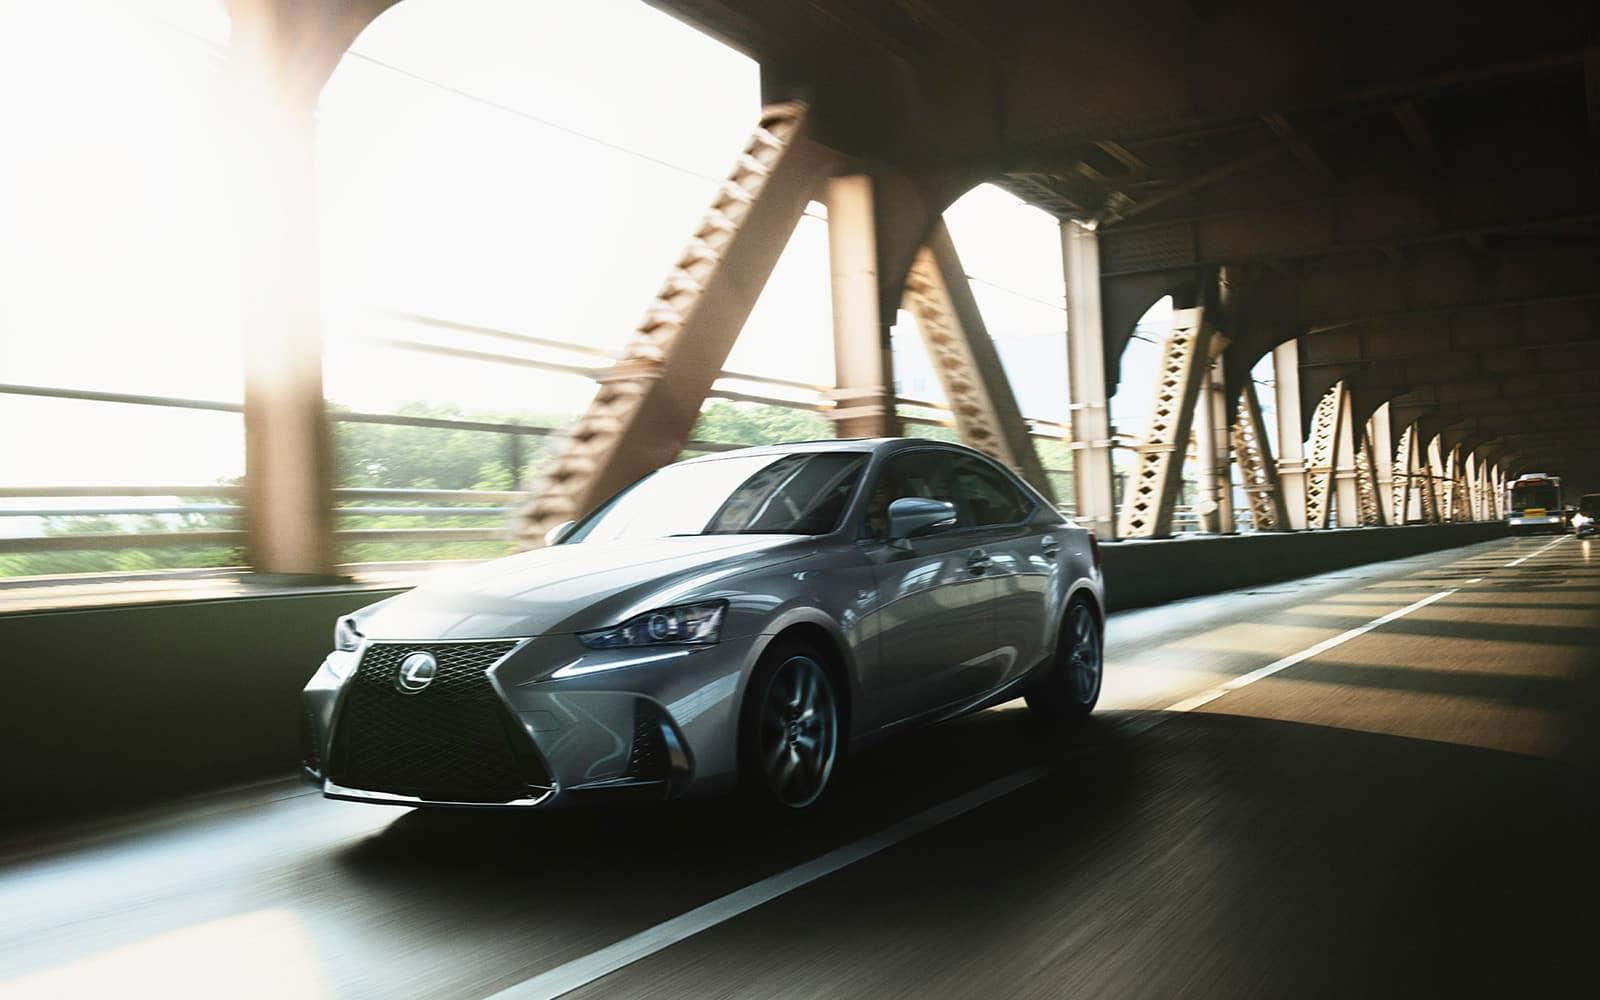 Lexus-2018-is-350-f-sport-series-2-atomic-silver-l-2